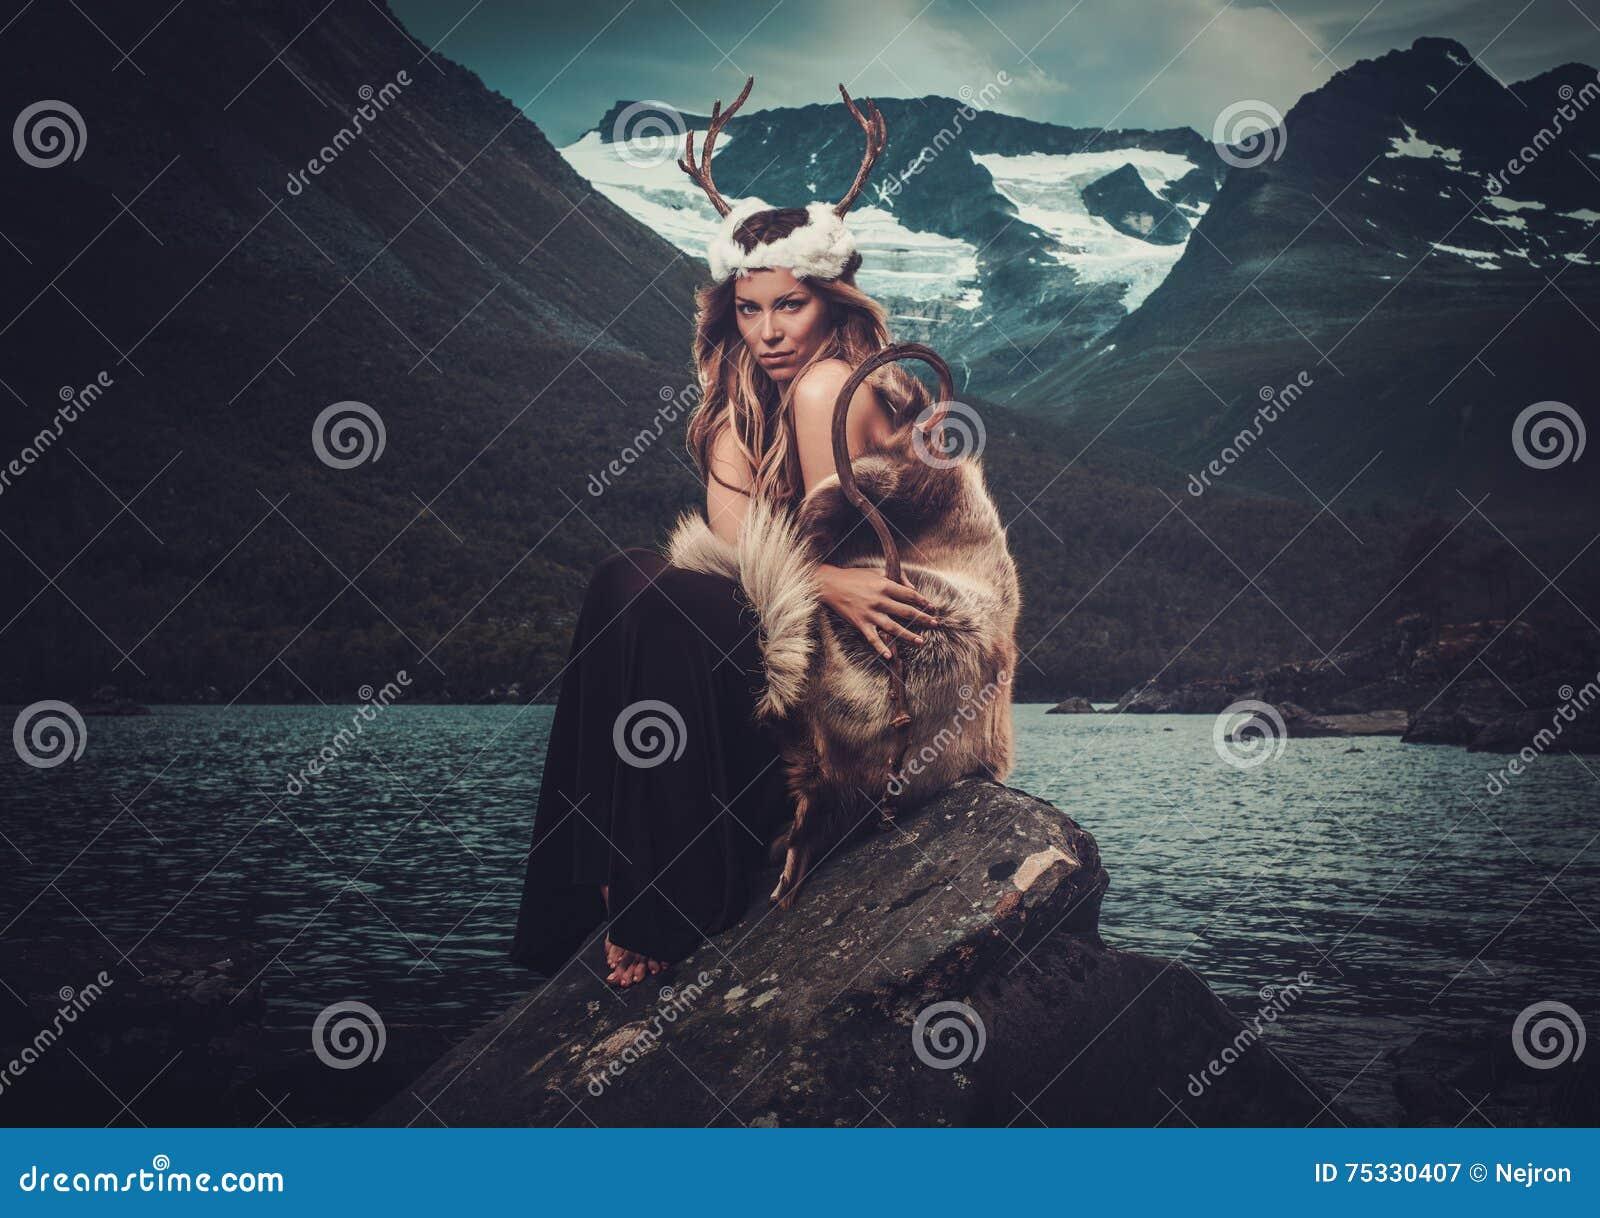 dream on monkey mountain